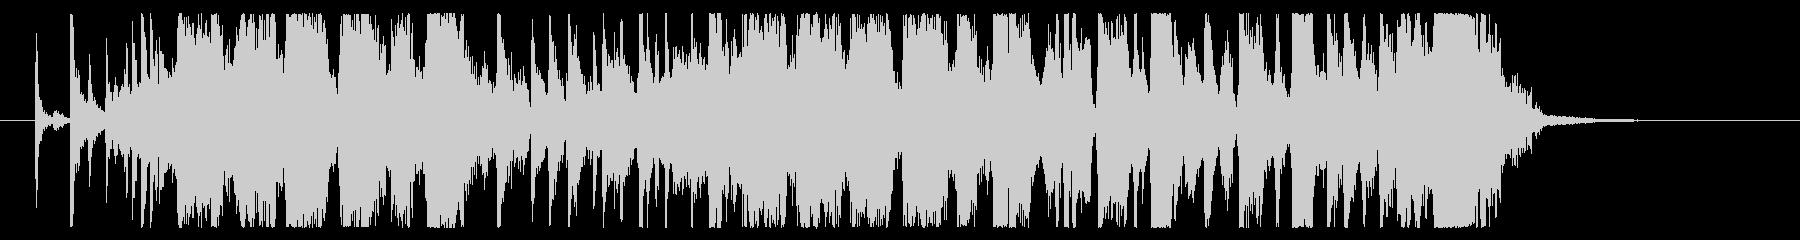 【生演奏】疾走感のあるファンクロック の未再生の波形